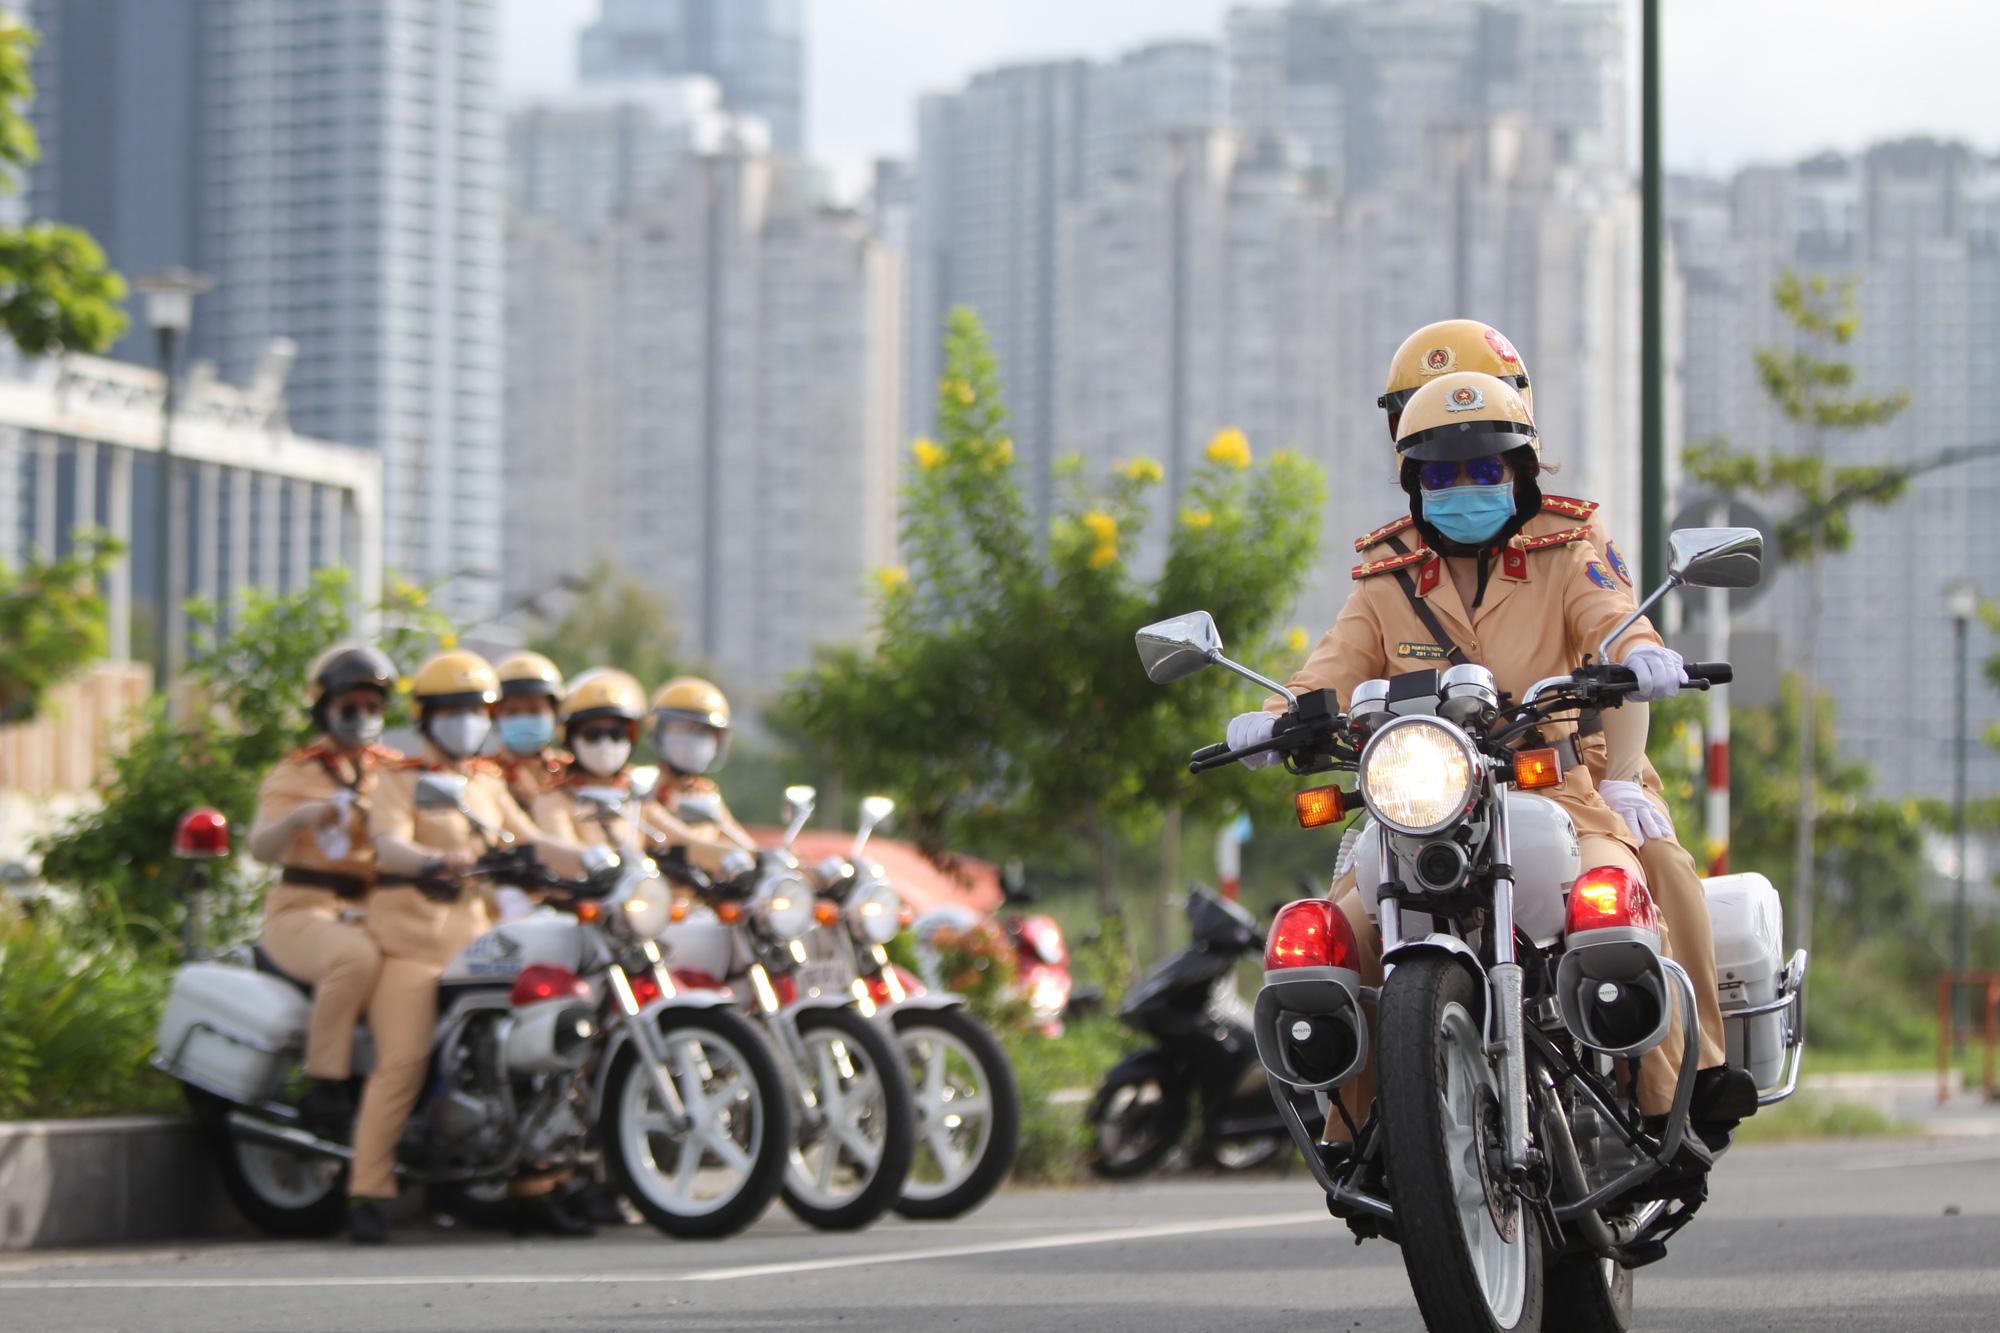 Ngỡ ngàng với kỹ năng điều khiển mô tô của đội nữ CSGT dẫn đoàn đầu tiên - 22